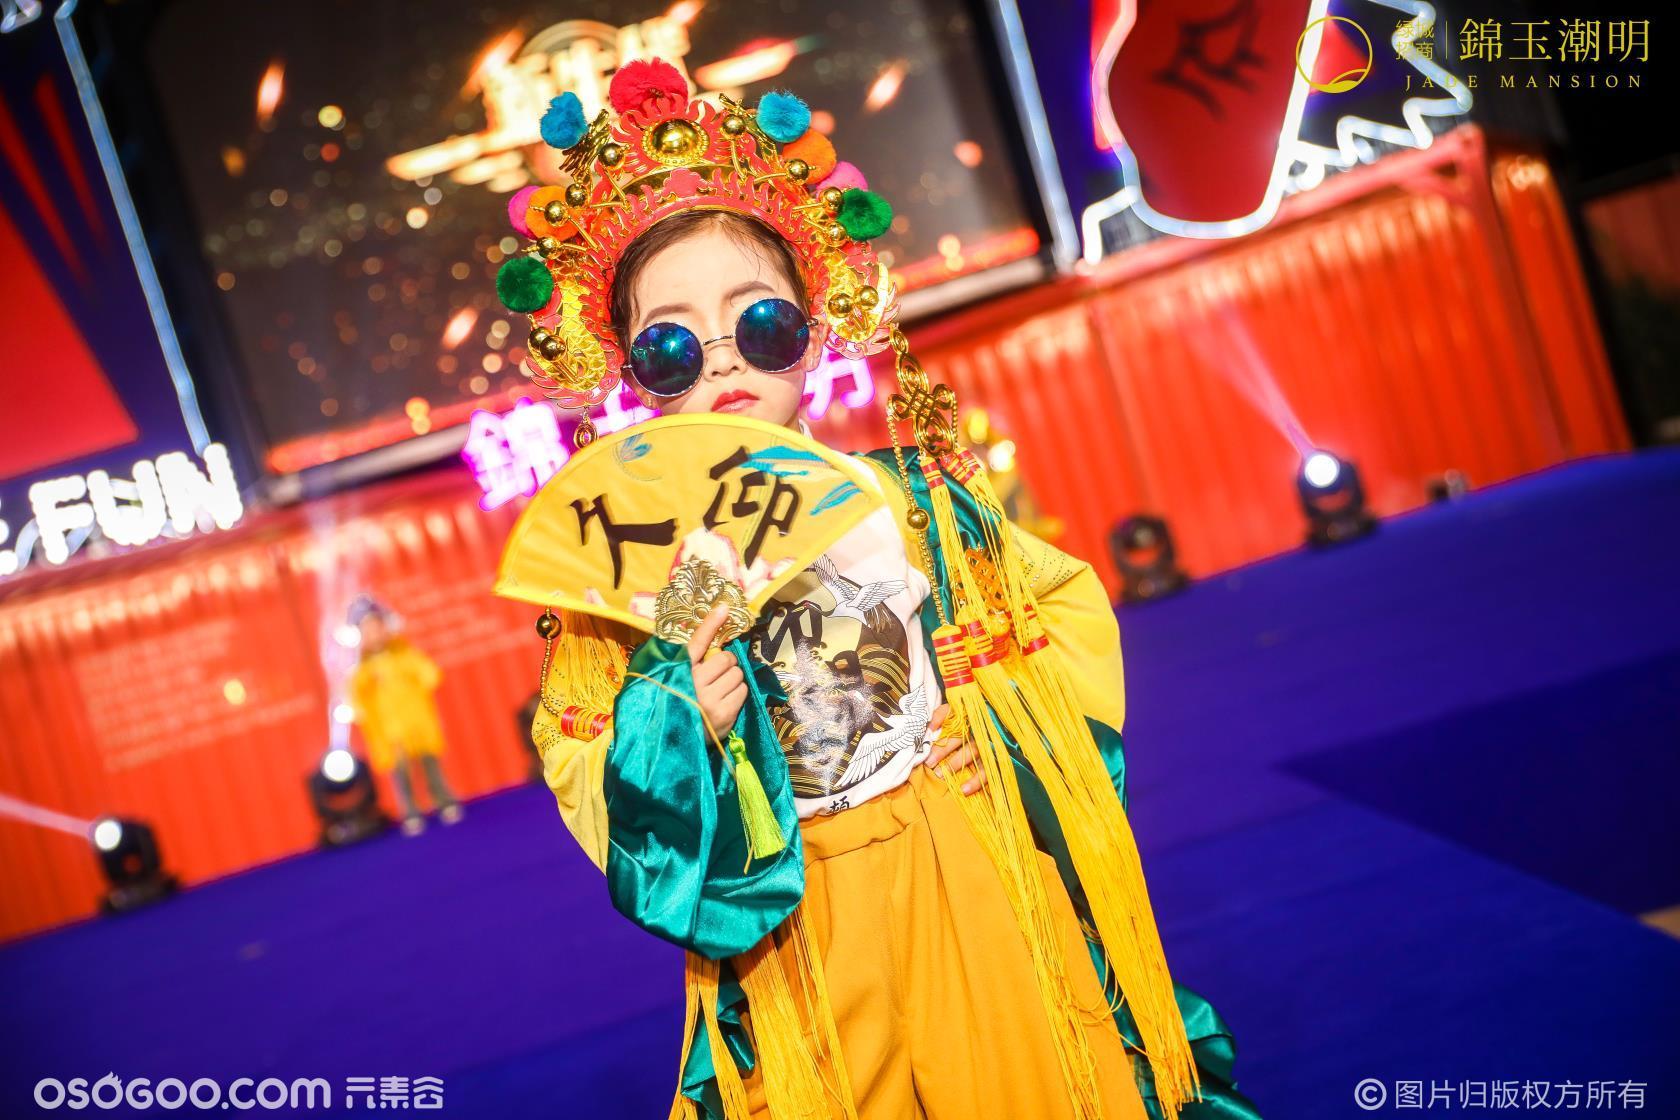 亚上文化-亚上礼服&儿童国潮&节目演出 联系方式见首页